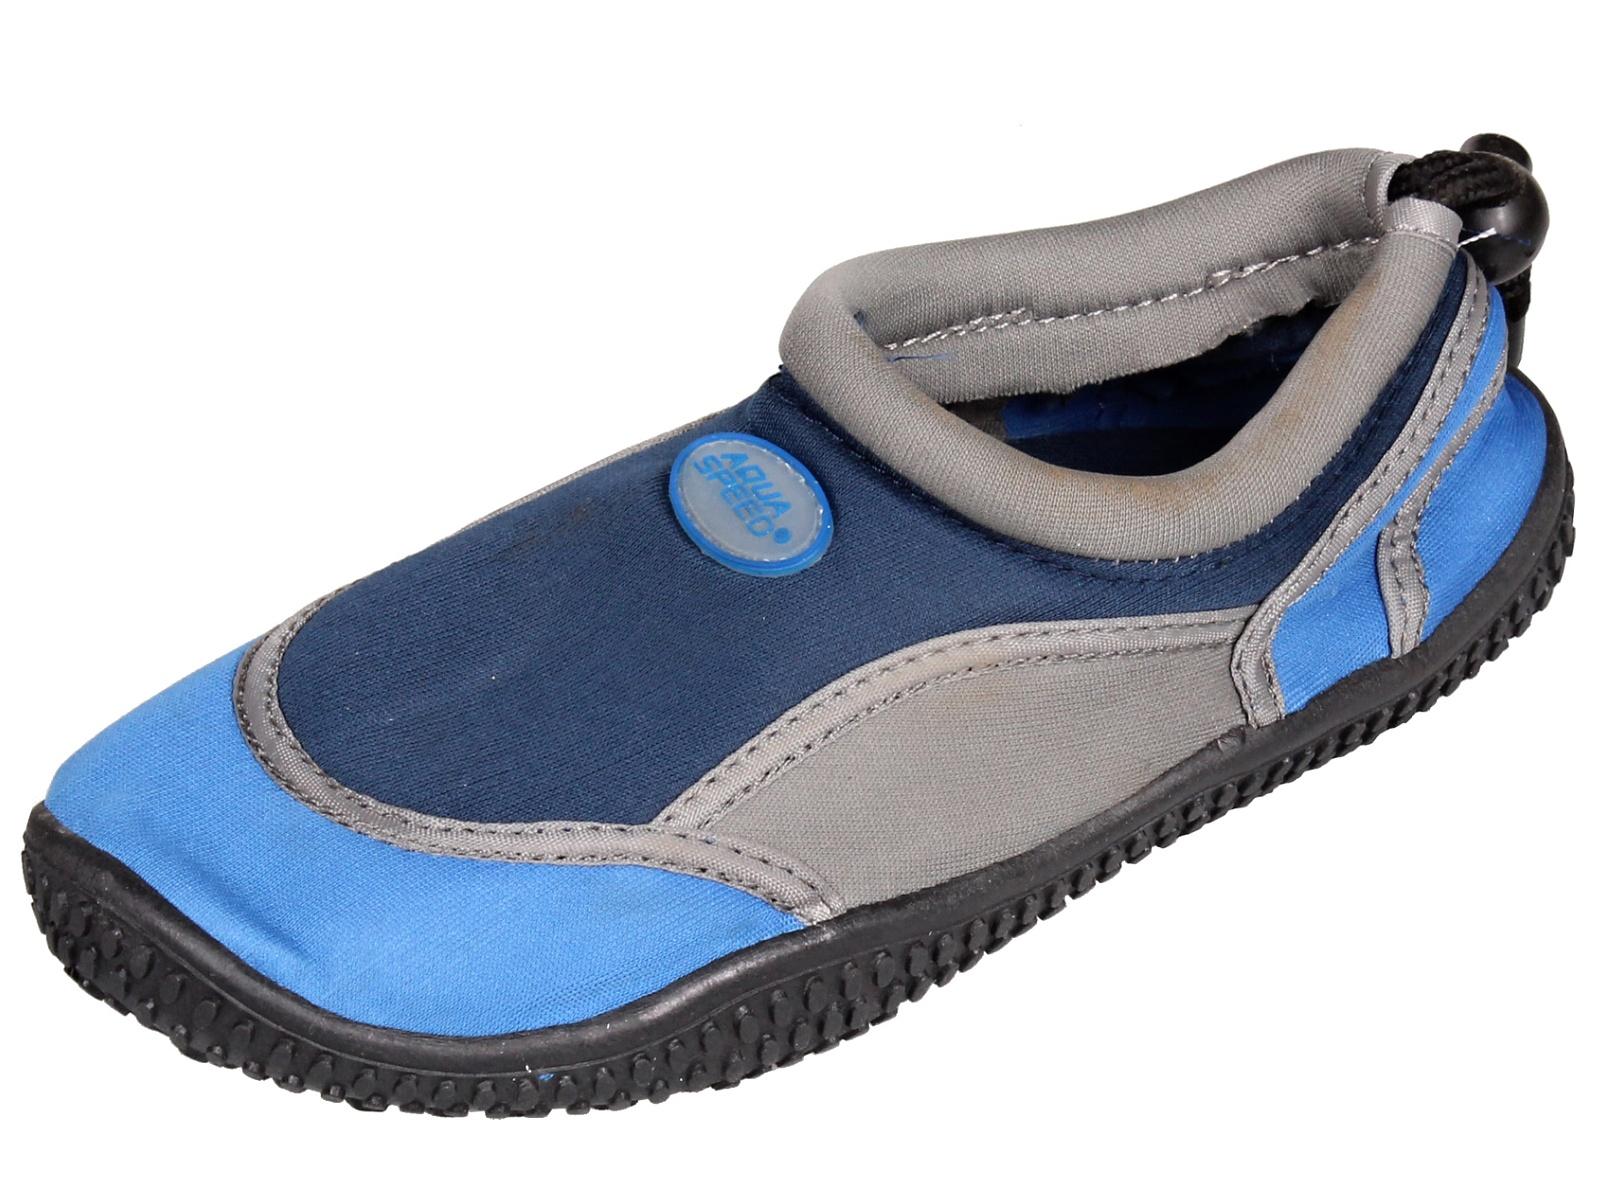 Topánky do vody AQUA-SPEED 21A detské modré - veľ. 32